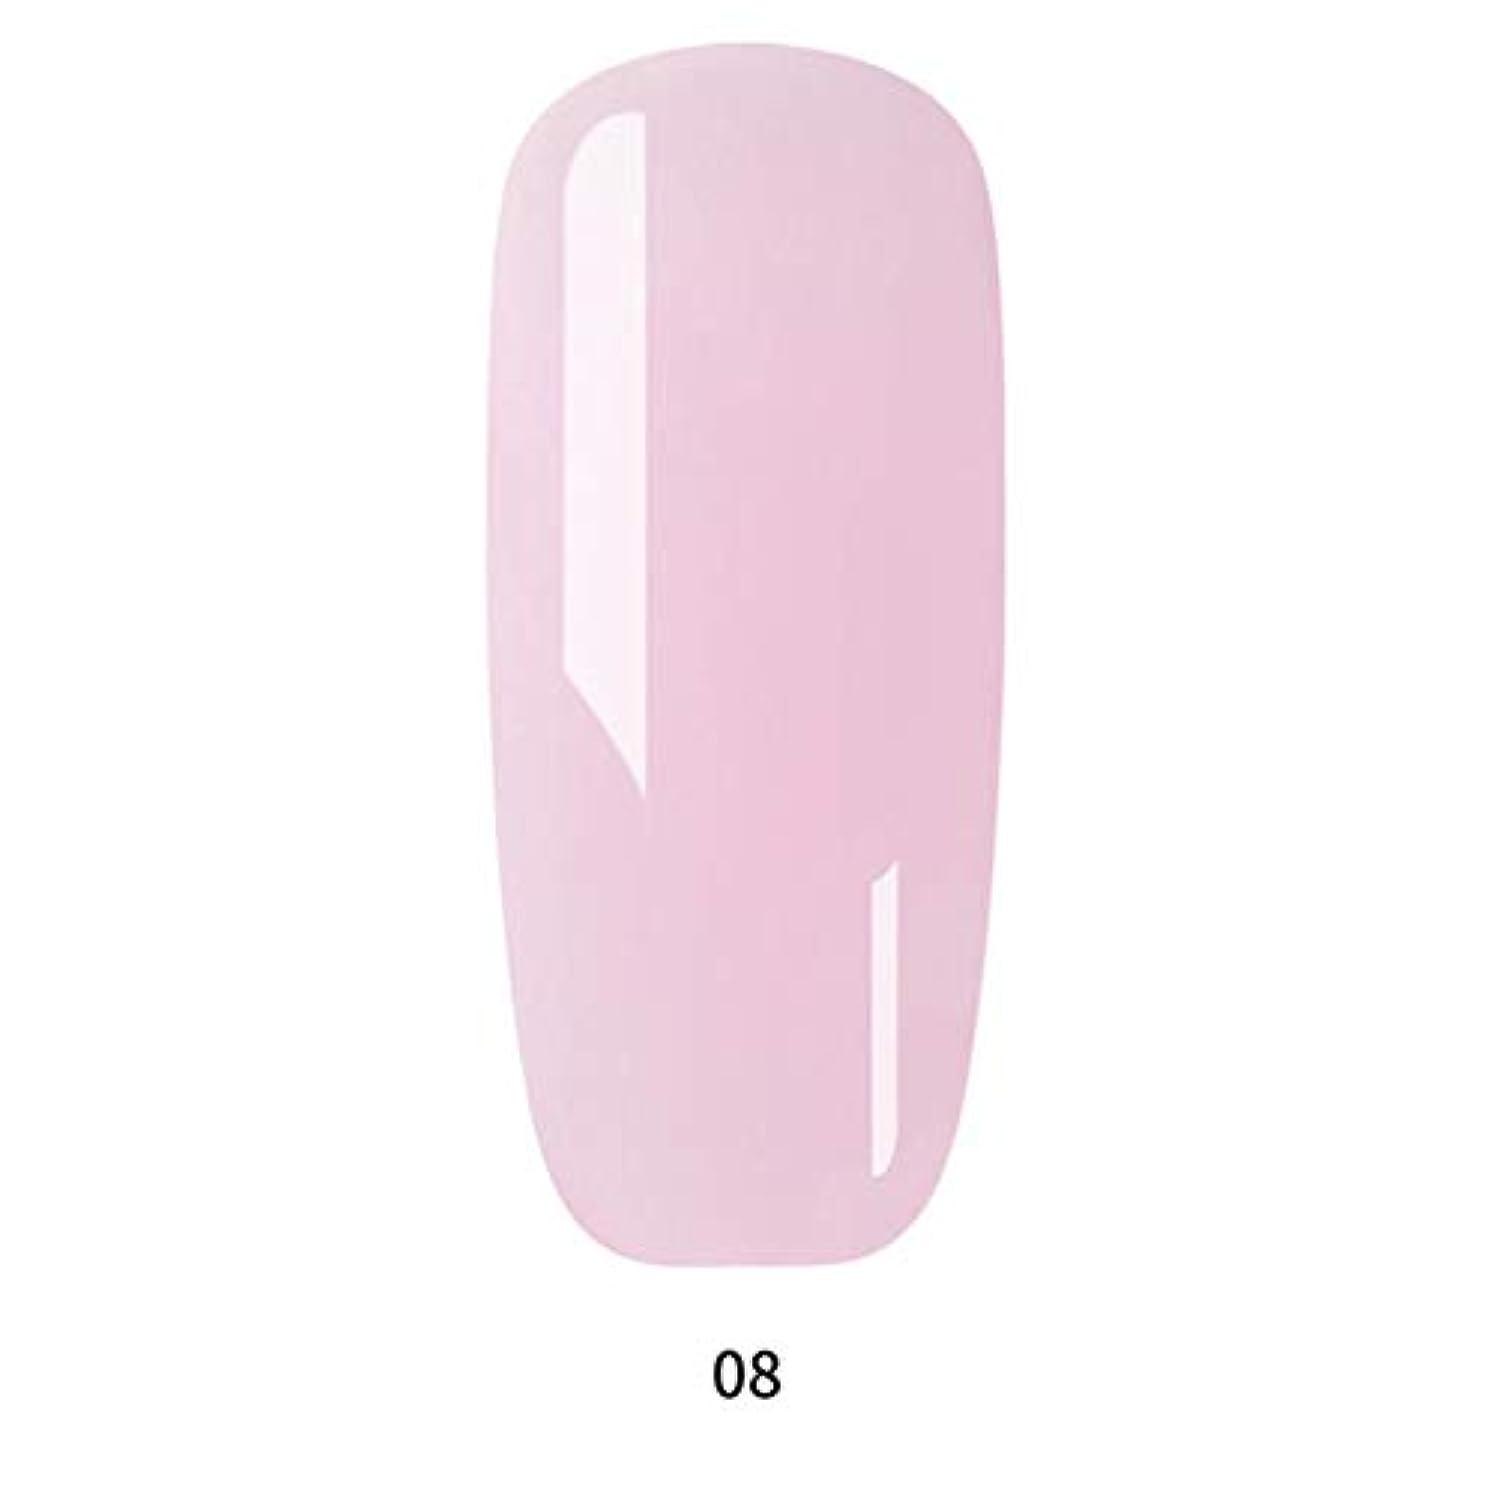 分離解読する飲み込むネイルアート ネイル接着剤 人工偽爪 ネイルジェル 爪指延長接着剤 UV延長接着剤 ティップエクステンション 9色選べる junexi